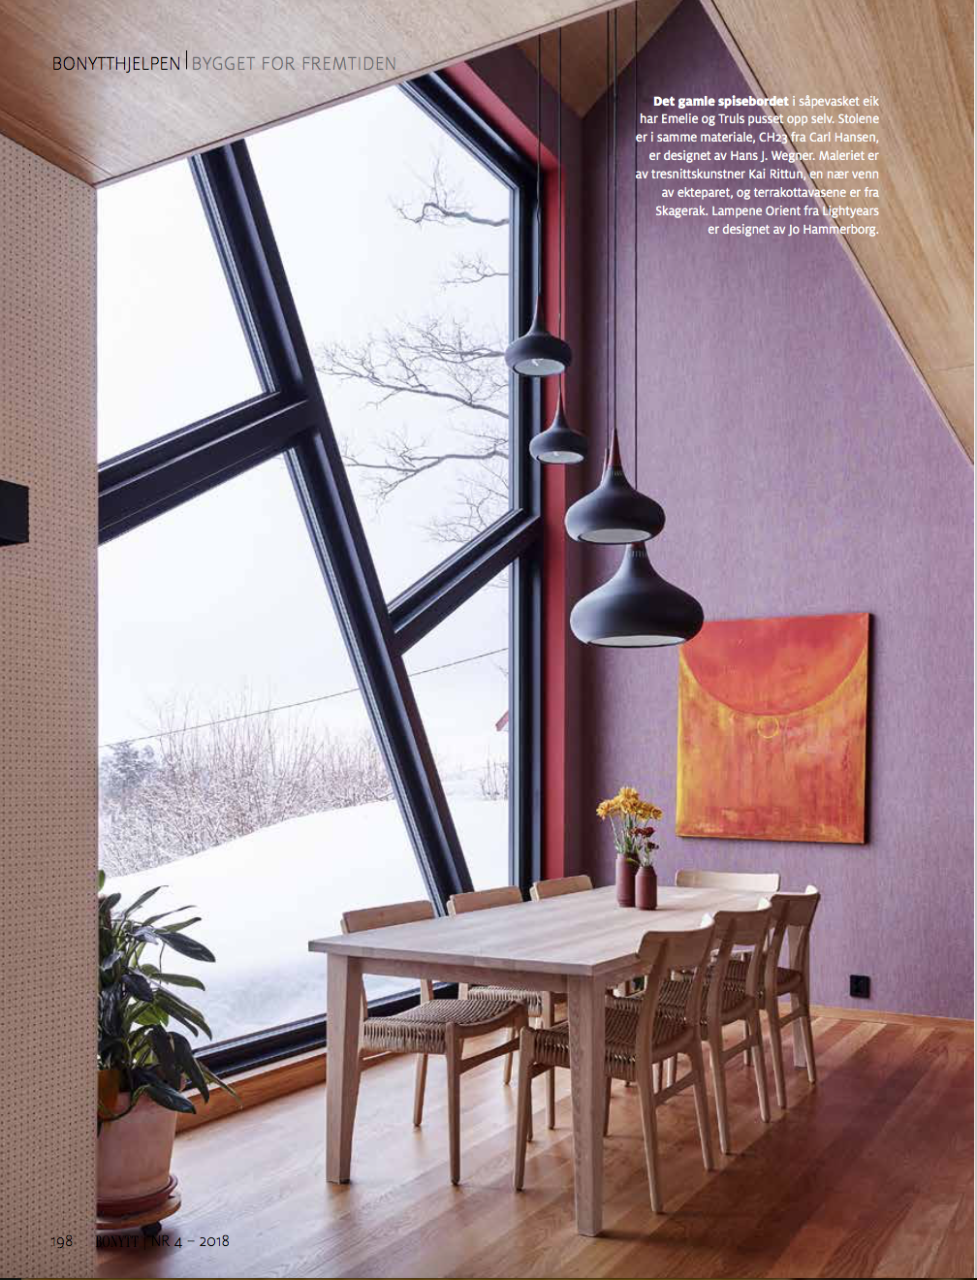 bonytt-barekraftig-hjem-green-house-by-anja-stang